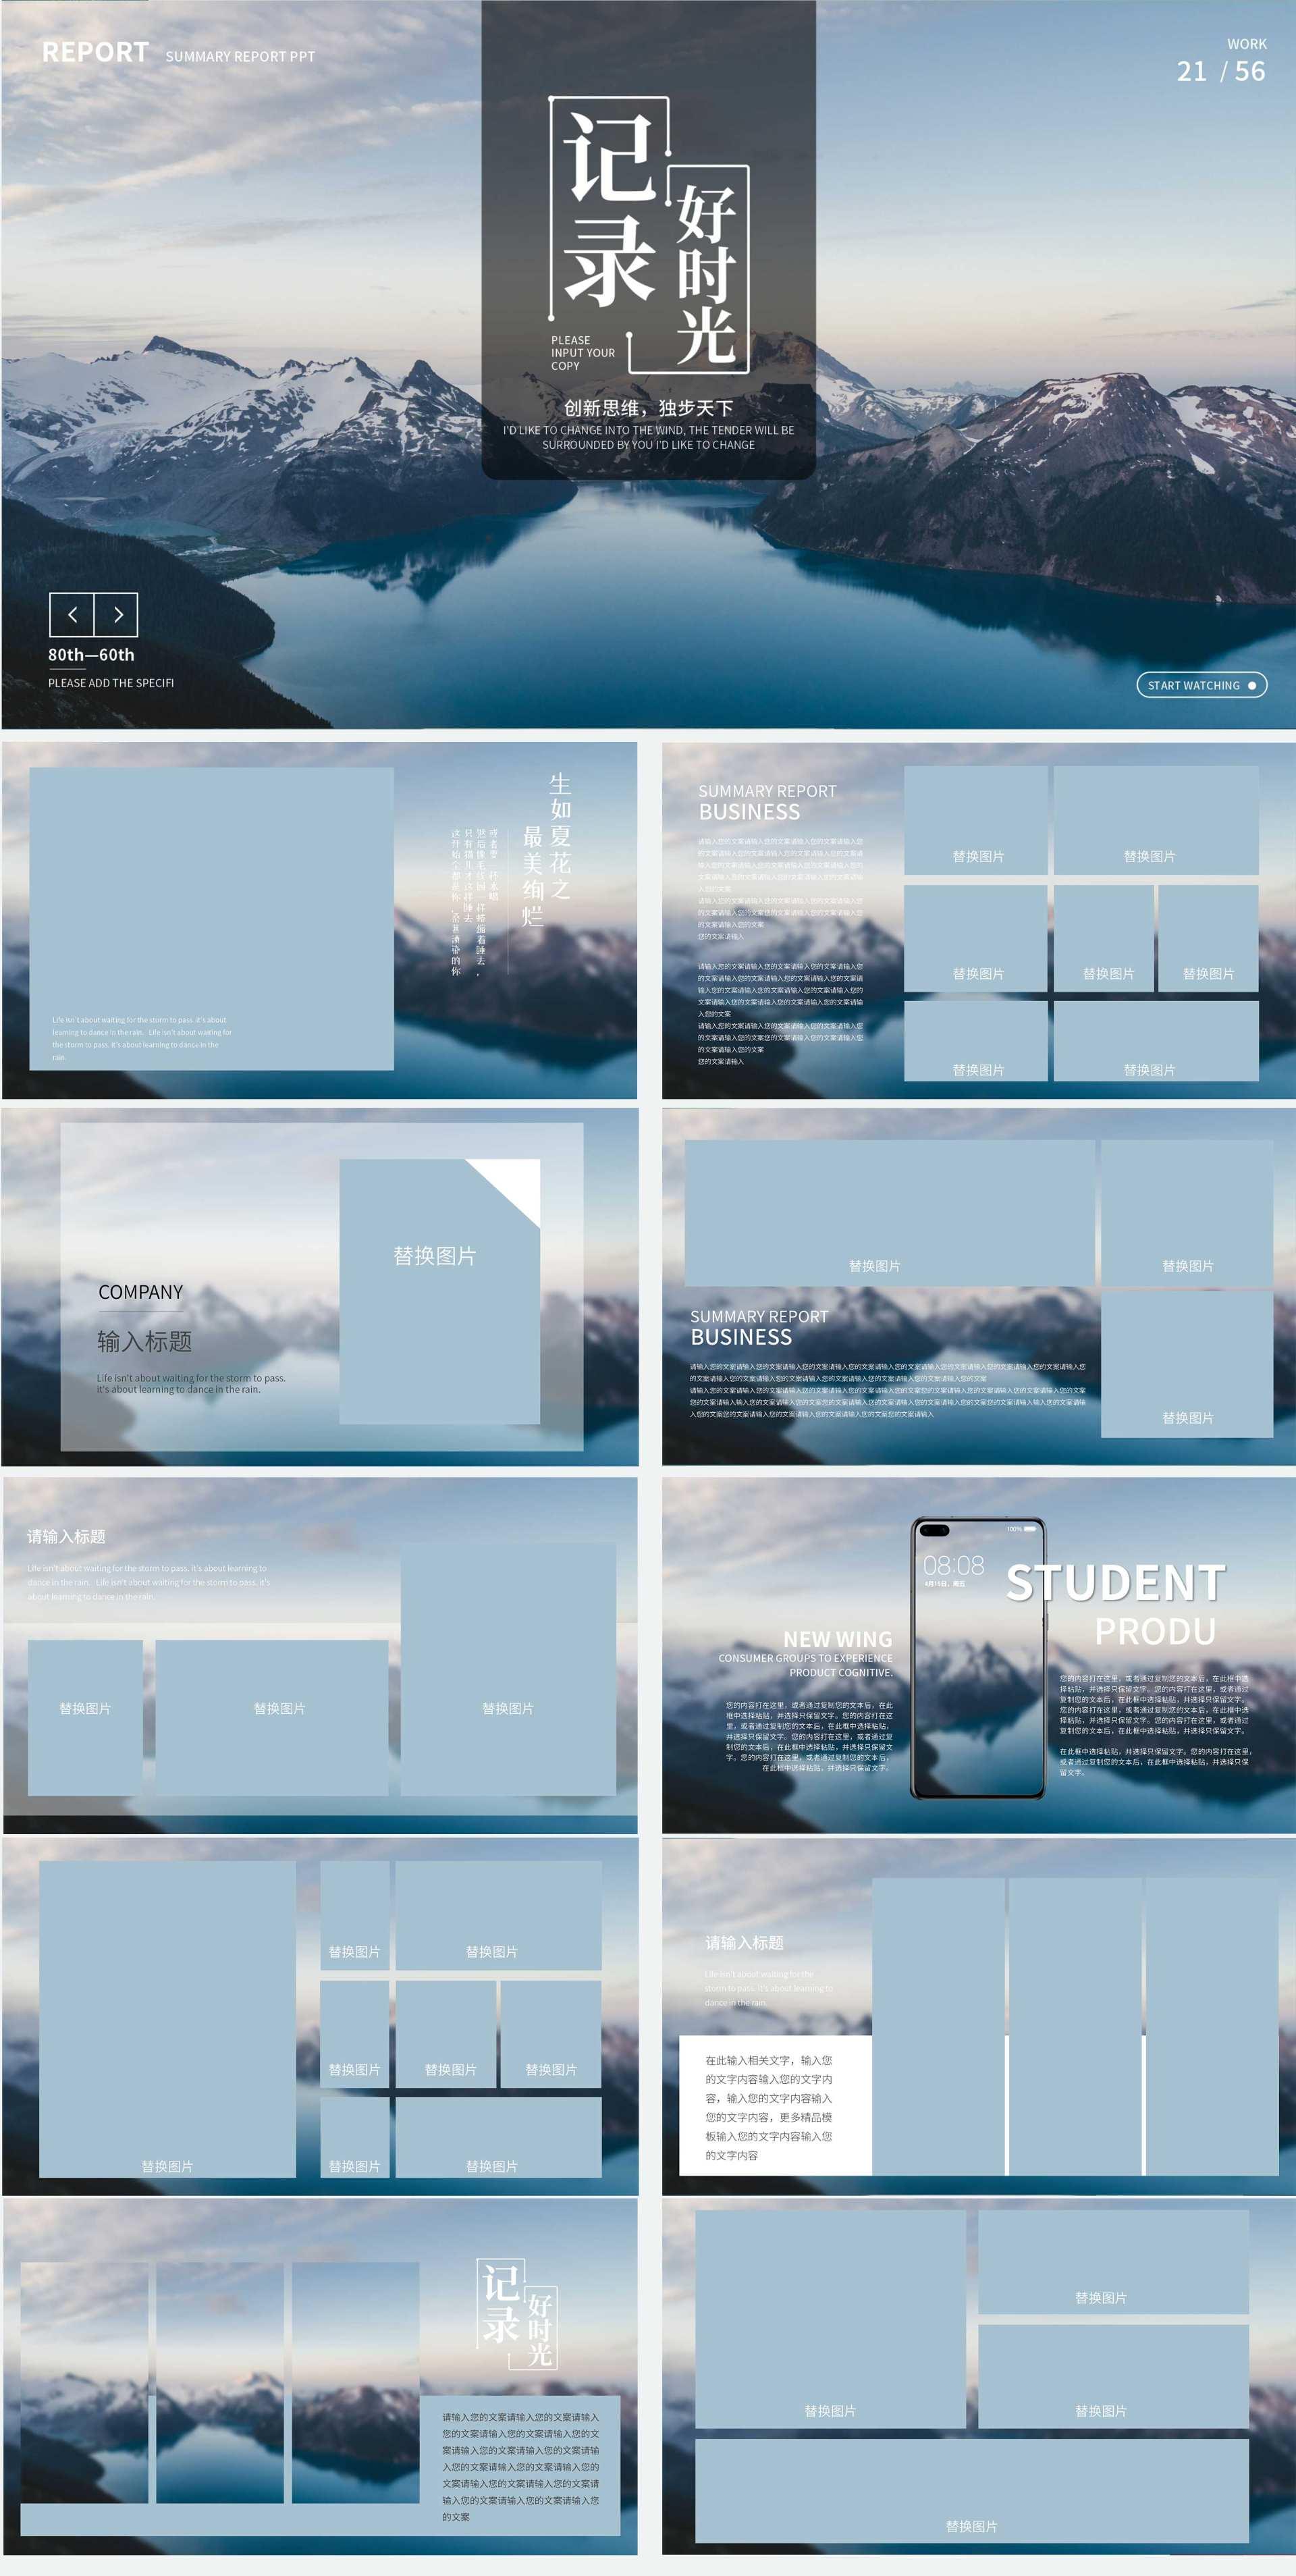 蓝色画册风记录好时光旅行相册PPT模板